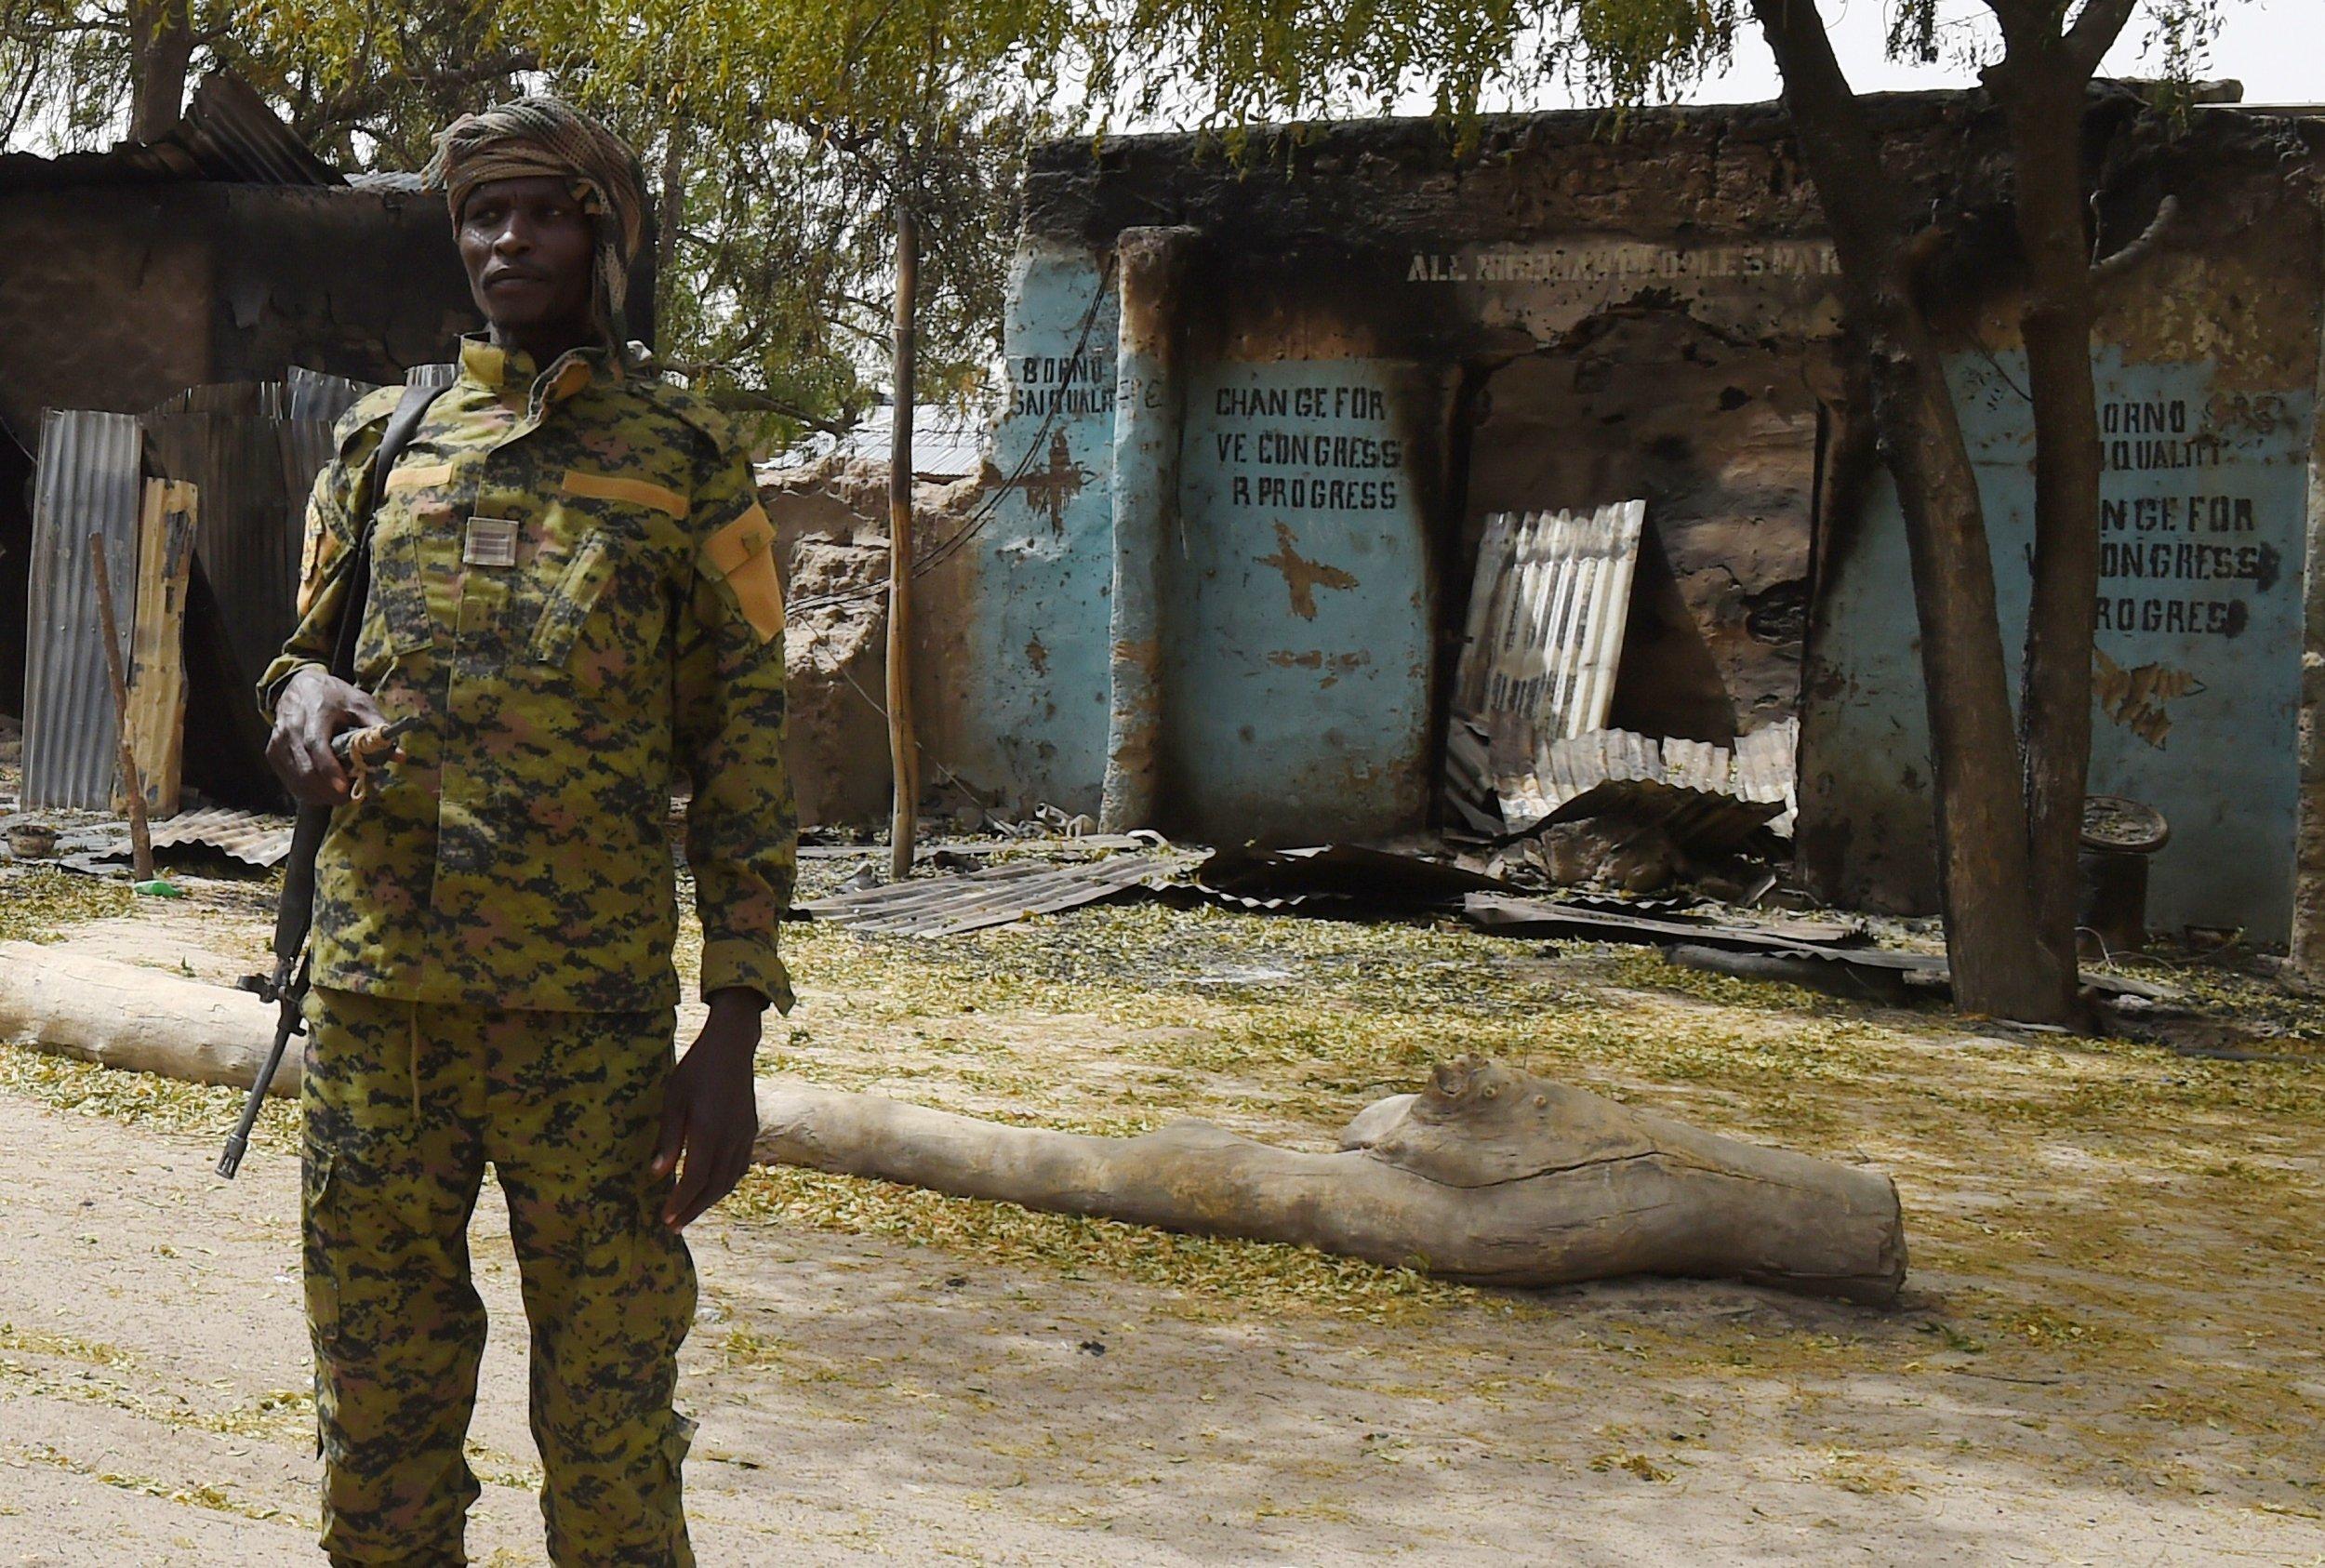 At Least 40 Killed In Jihadist Attacks On Villages In Nigeria